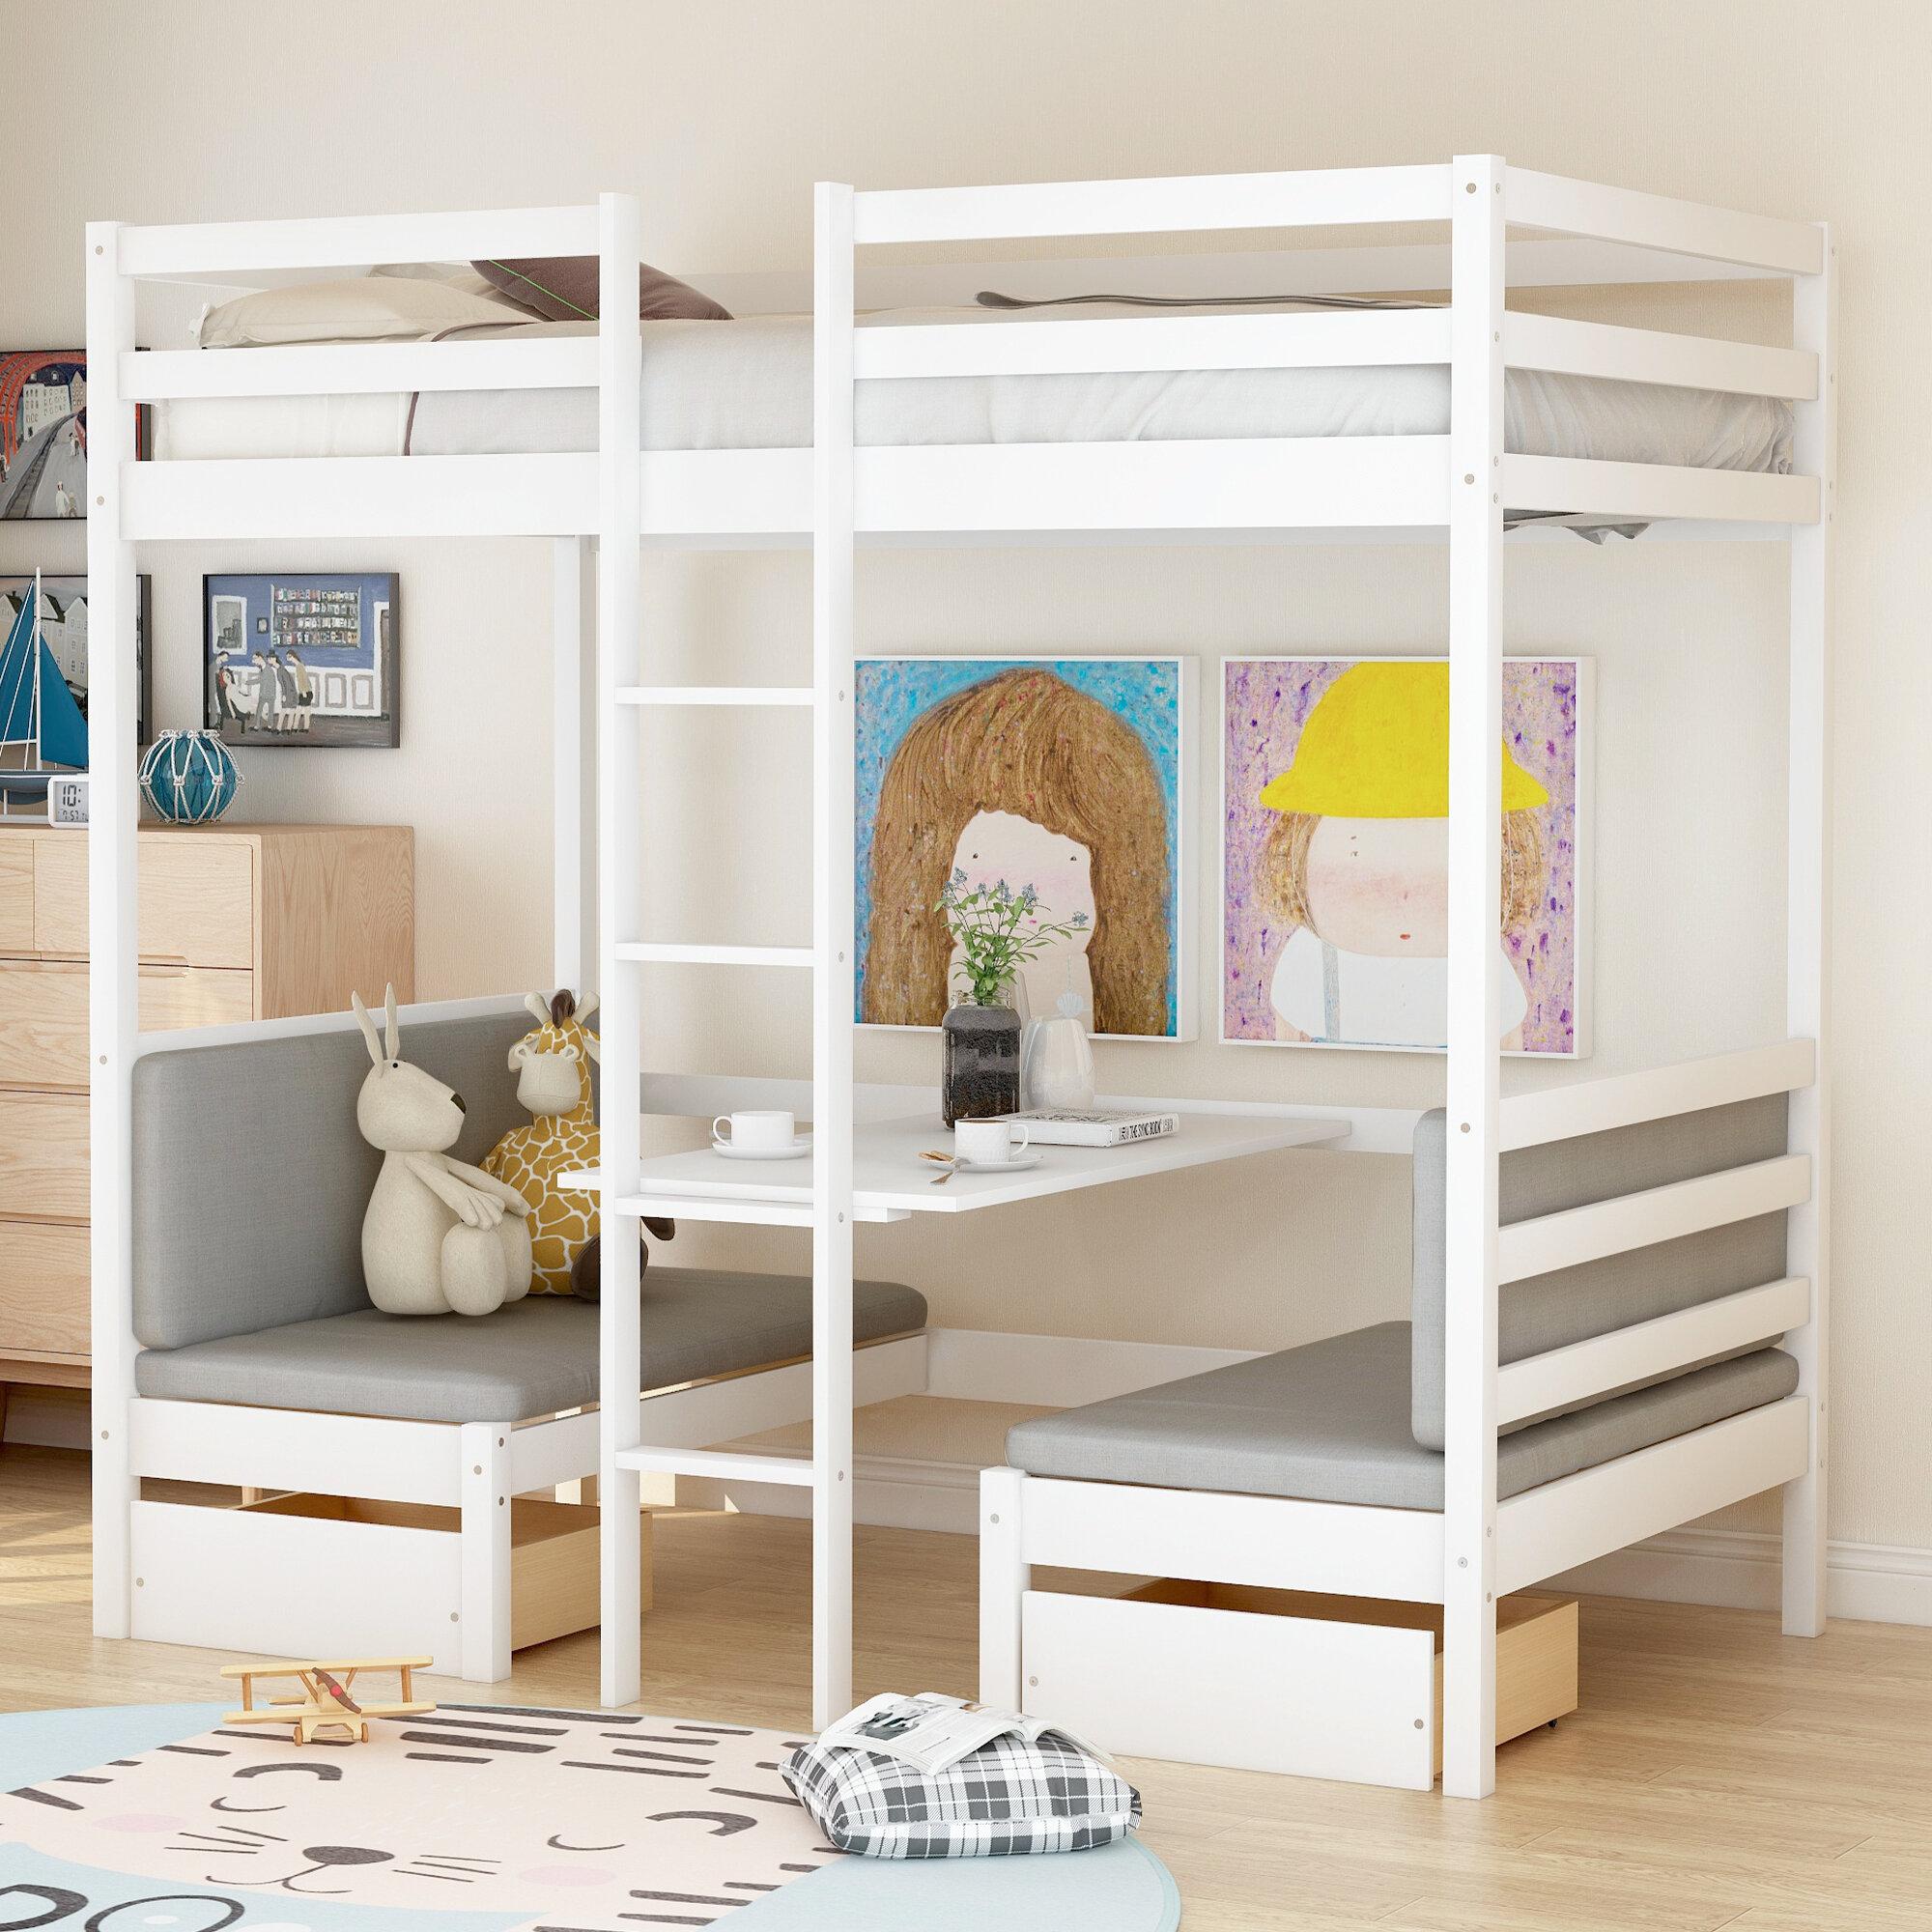 Bunk Beds From 150 Through 03 16 Wayfair Ca